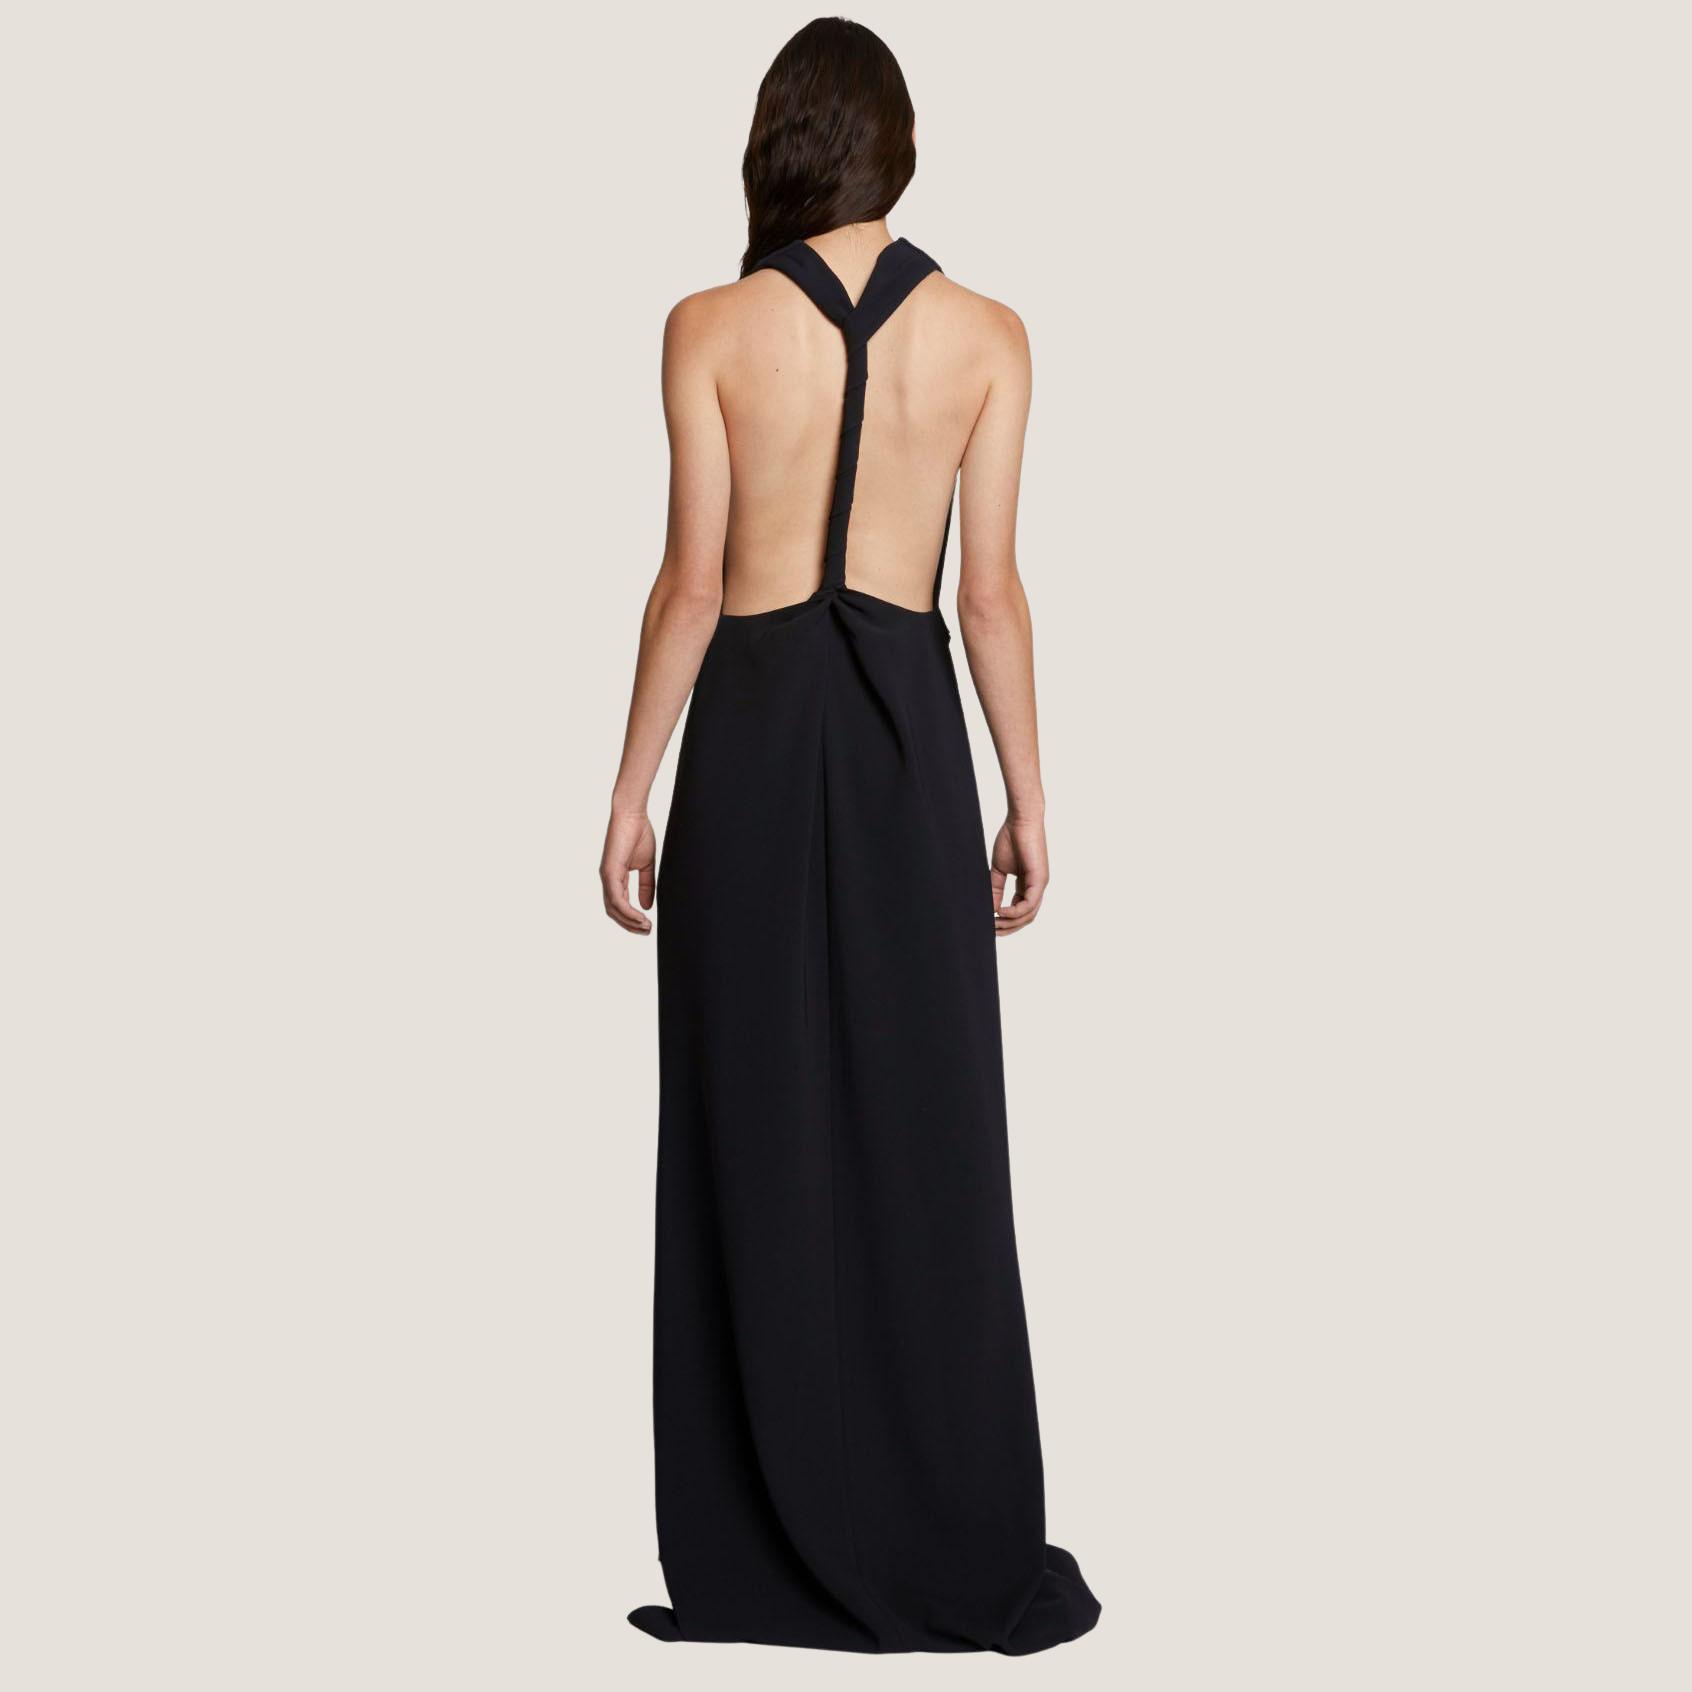 Matte Crepe Backless Dress